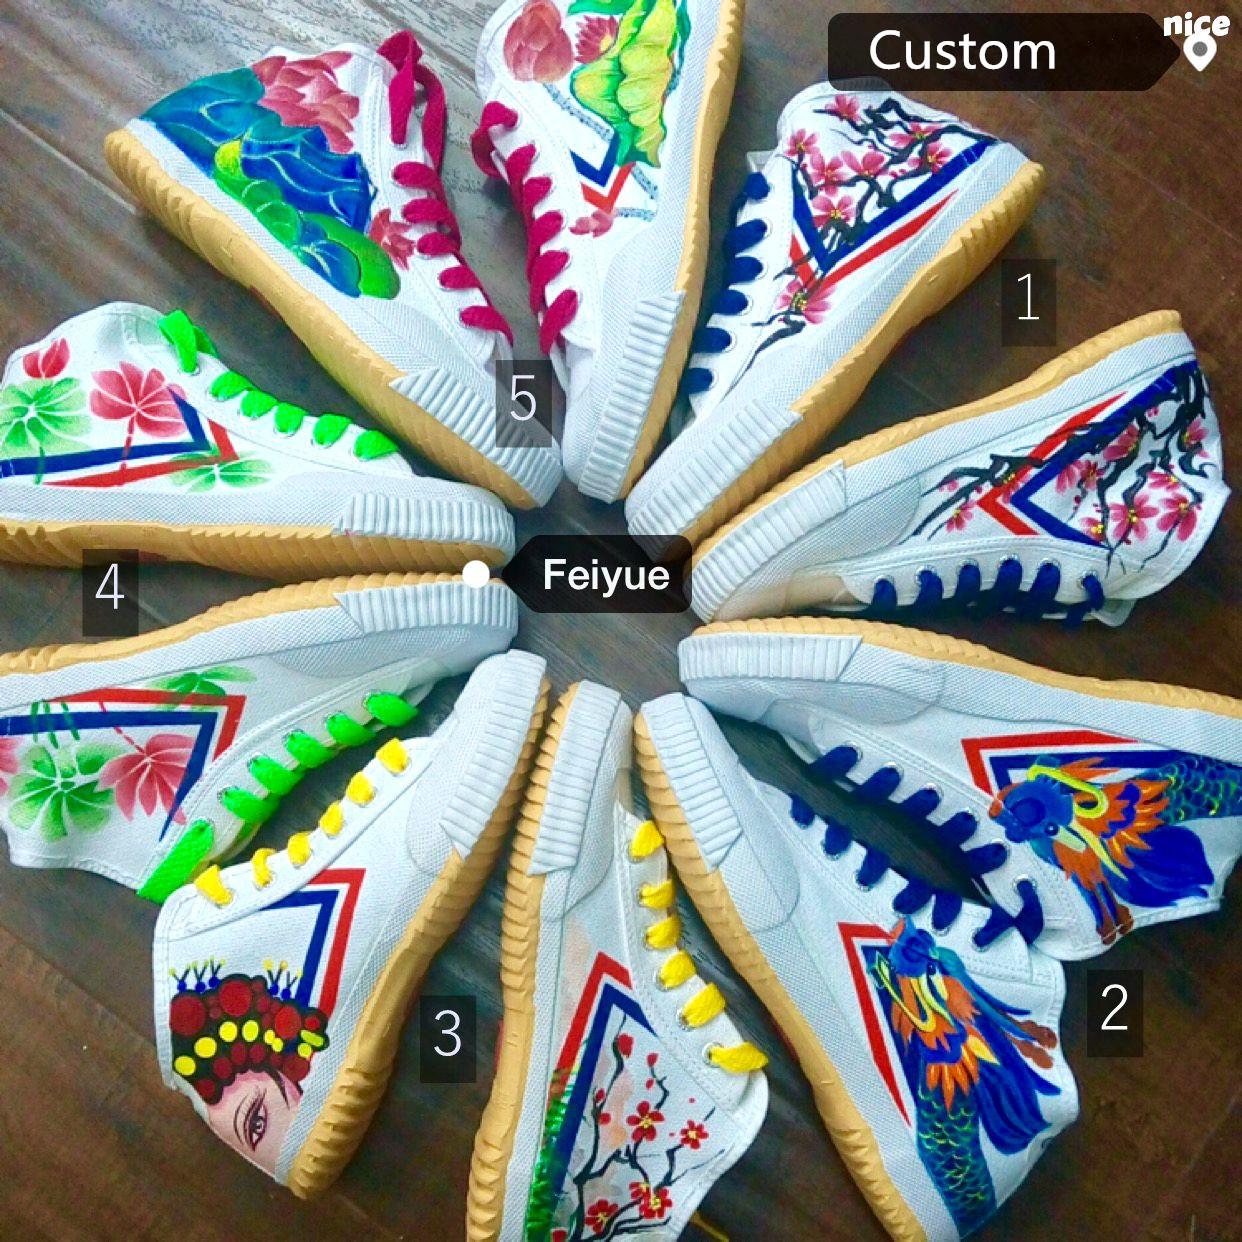 Custom Feiyue